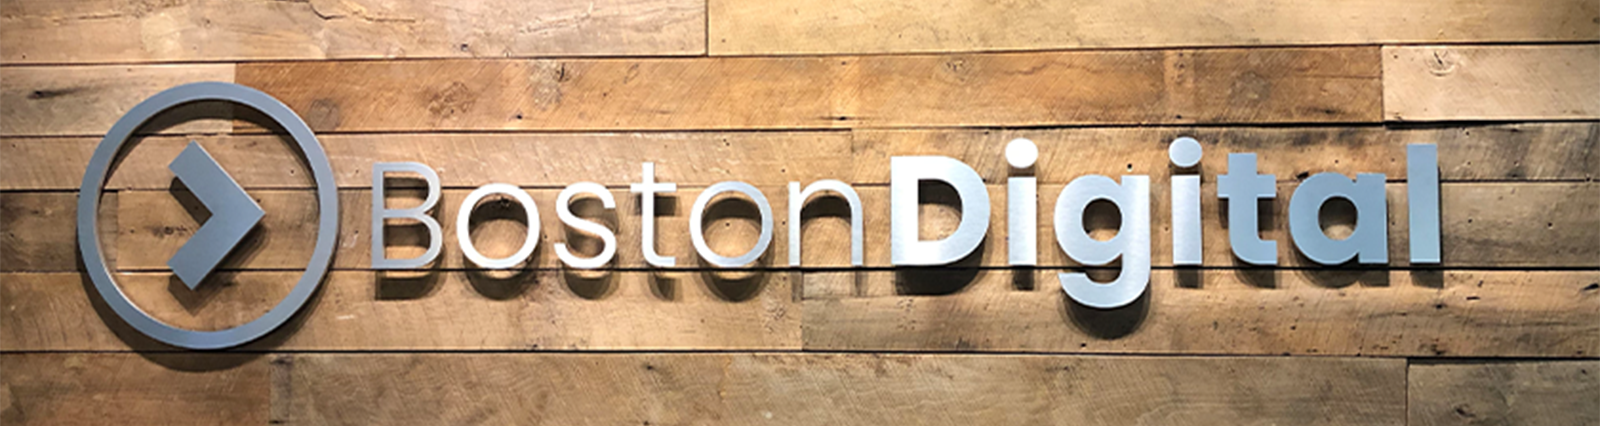 Boston Digital Header